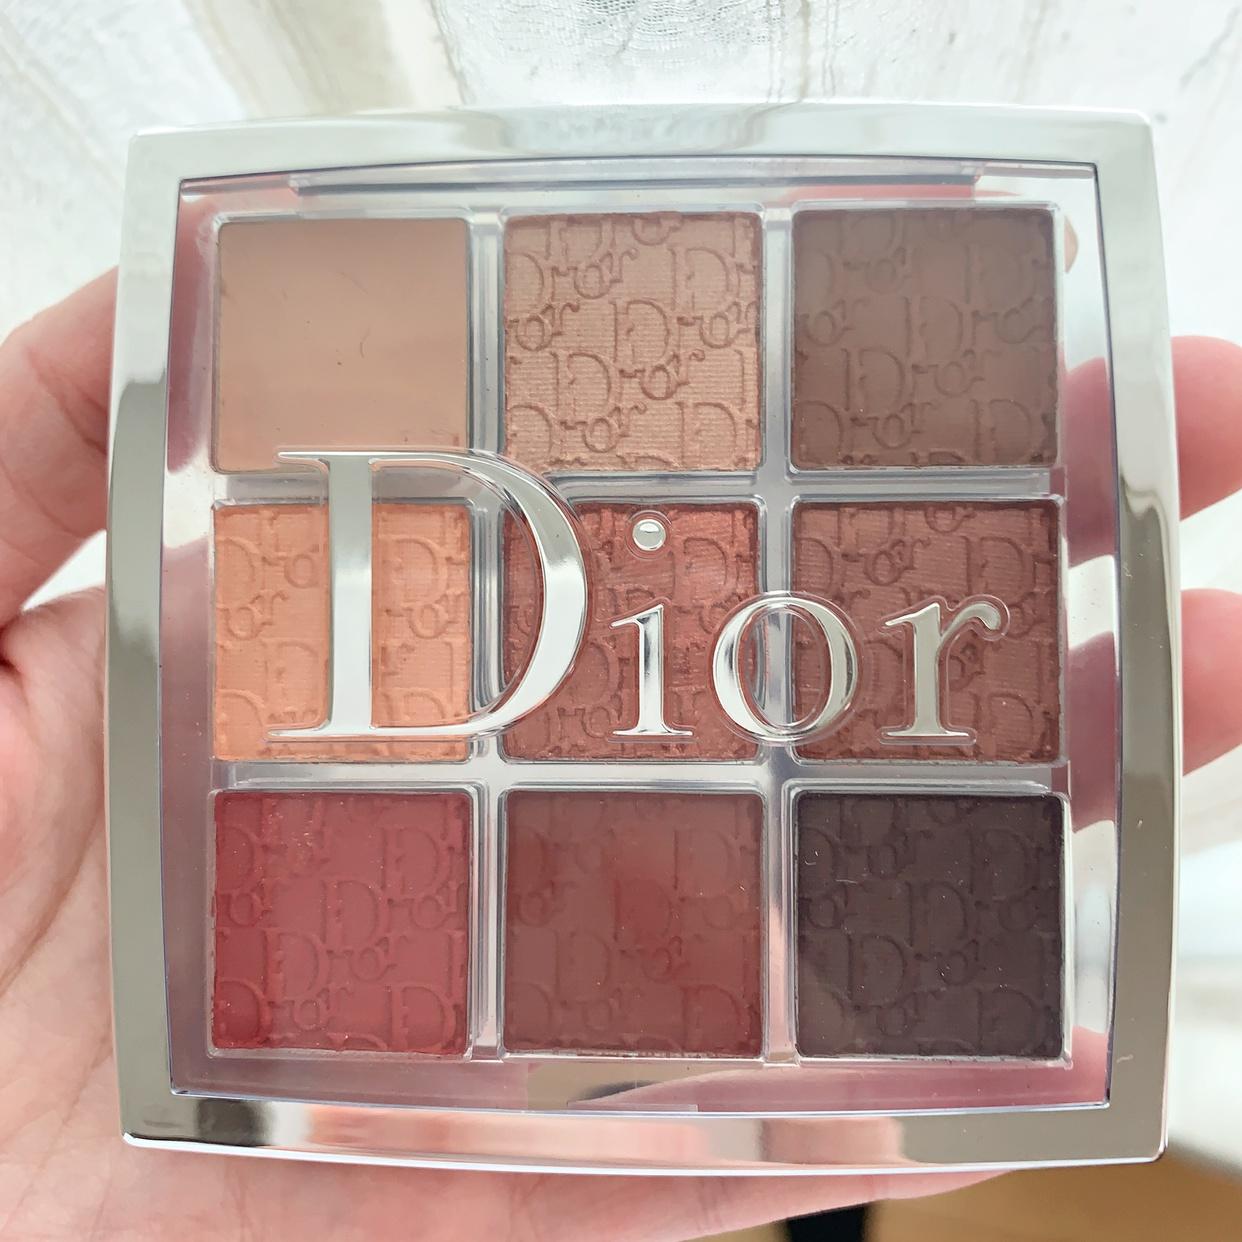 Dior(ディオール) バックステージ アイ パレットを使ったマト子さんのクチコミ画像2